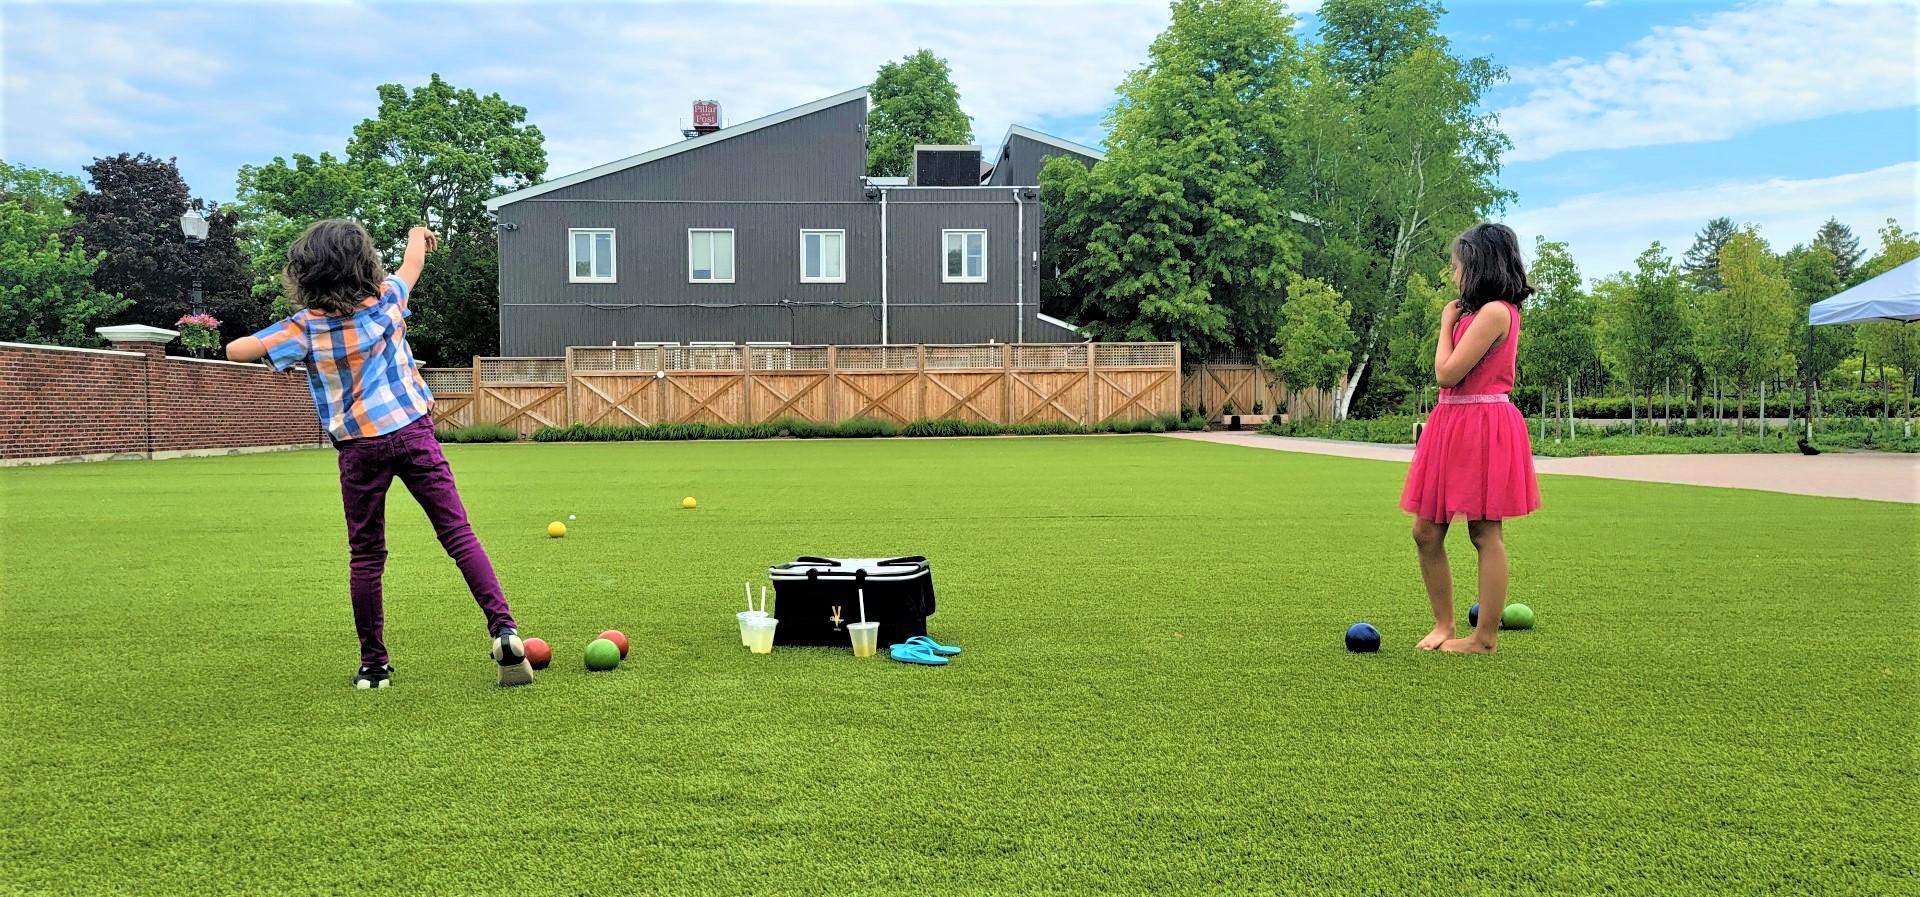 kids playing lawn games